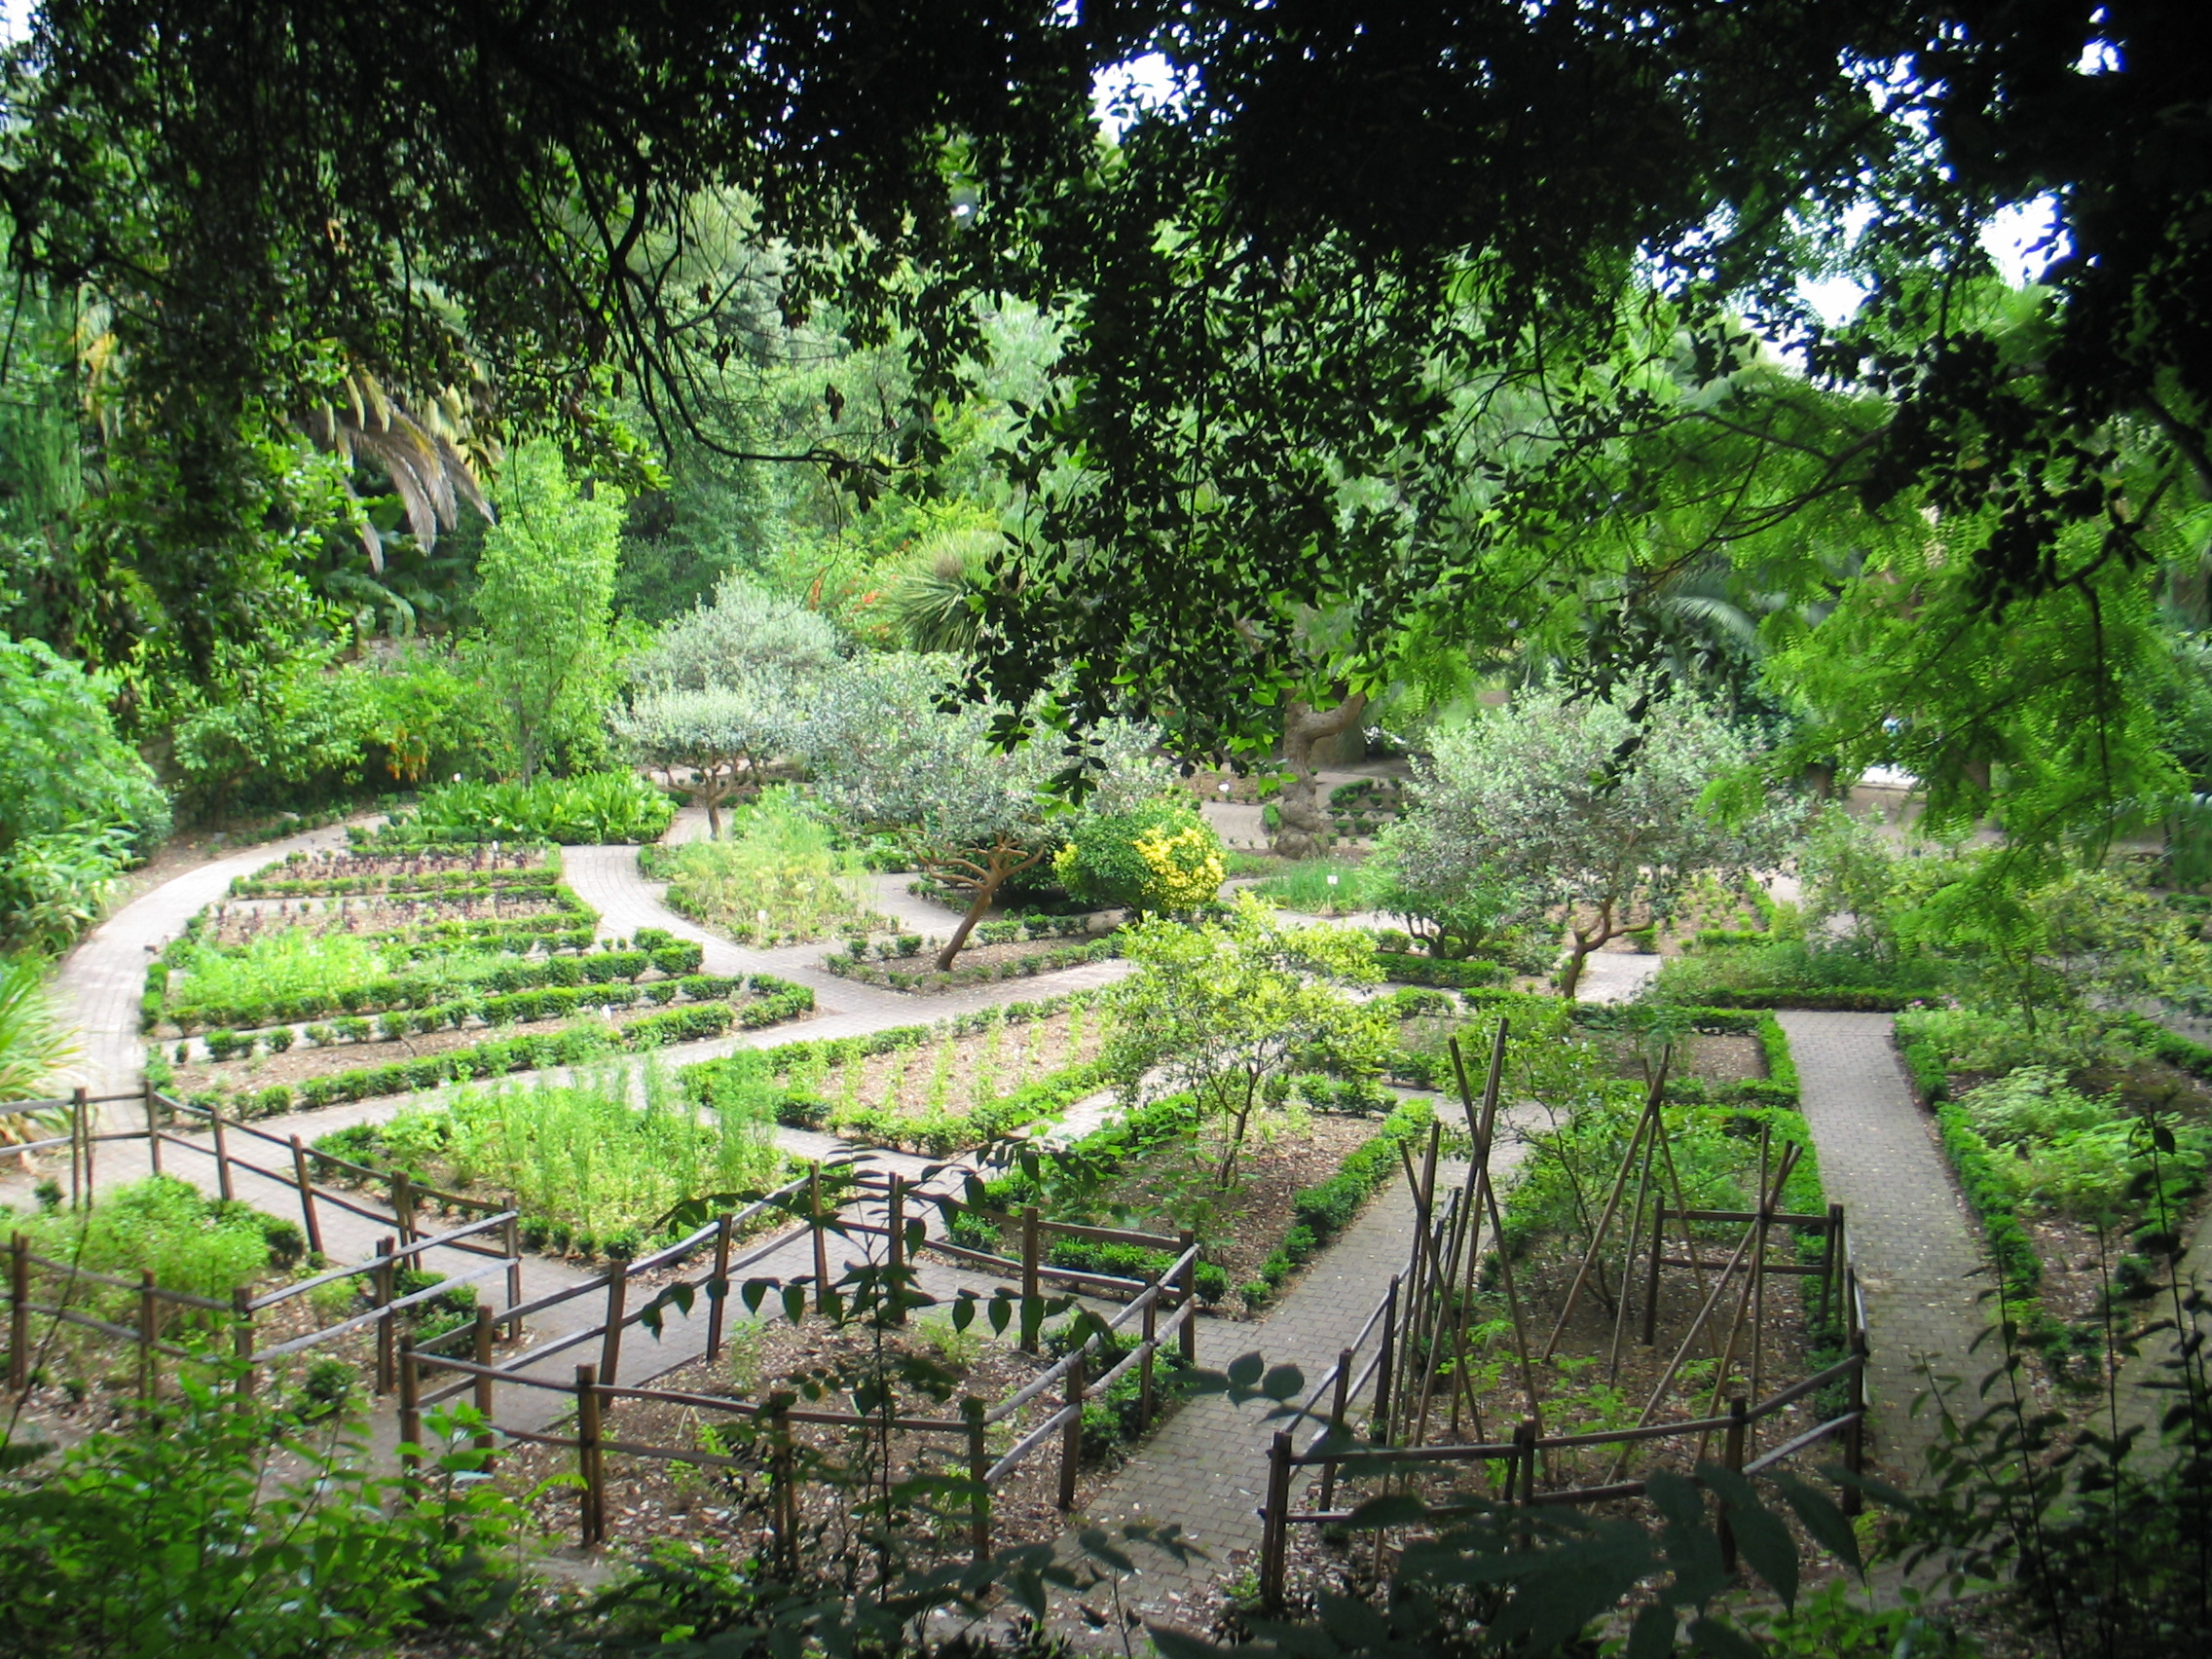 Le jardin des plantes aromatiques parc du mugel juin for Jardin les plantes